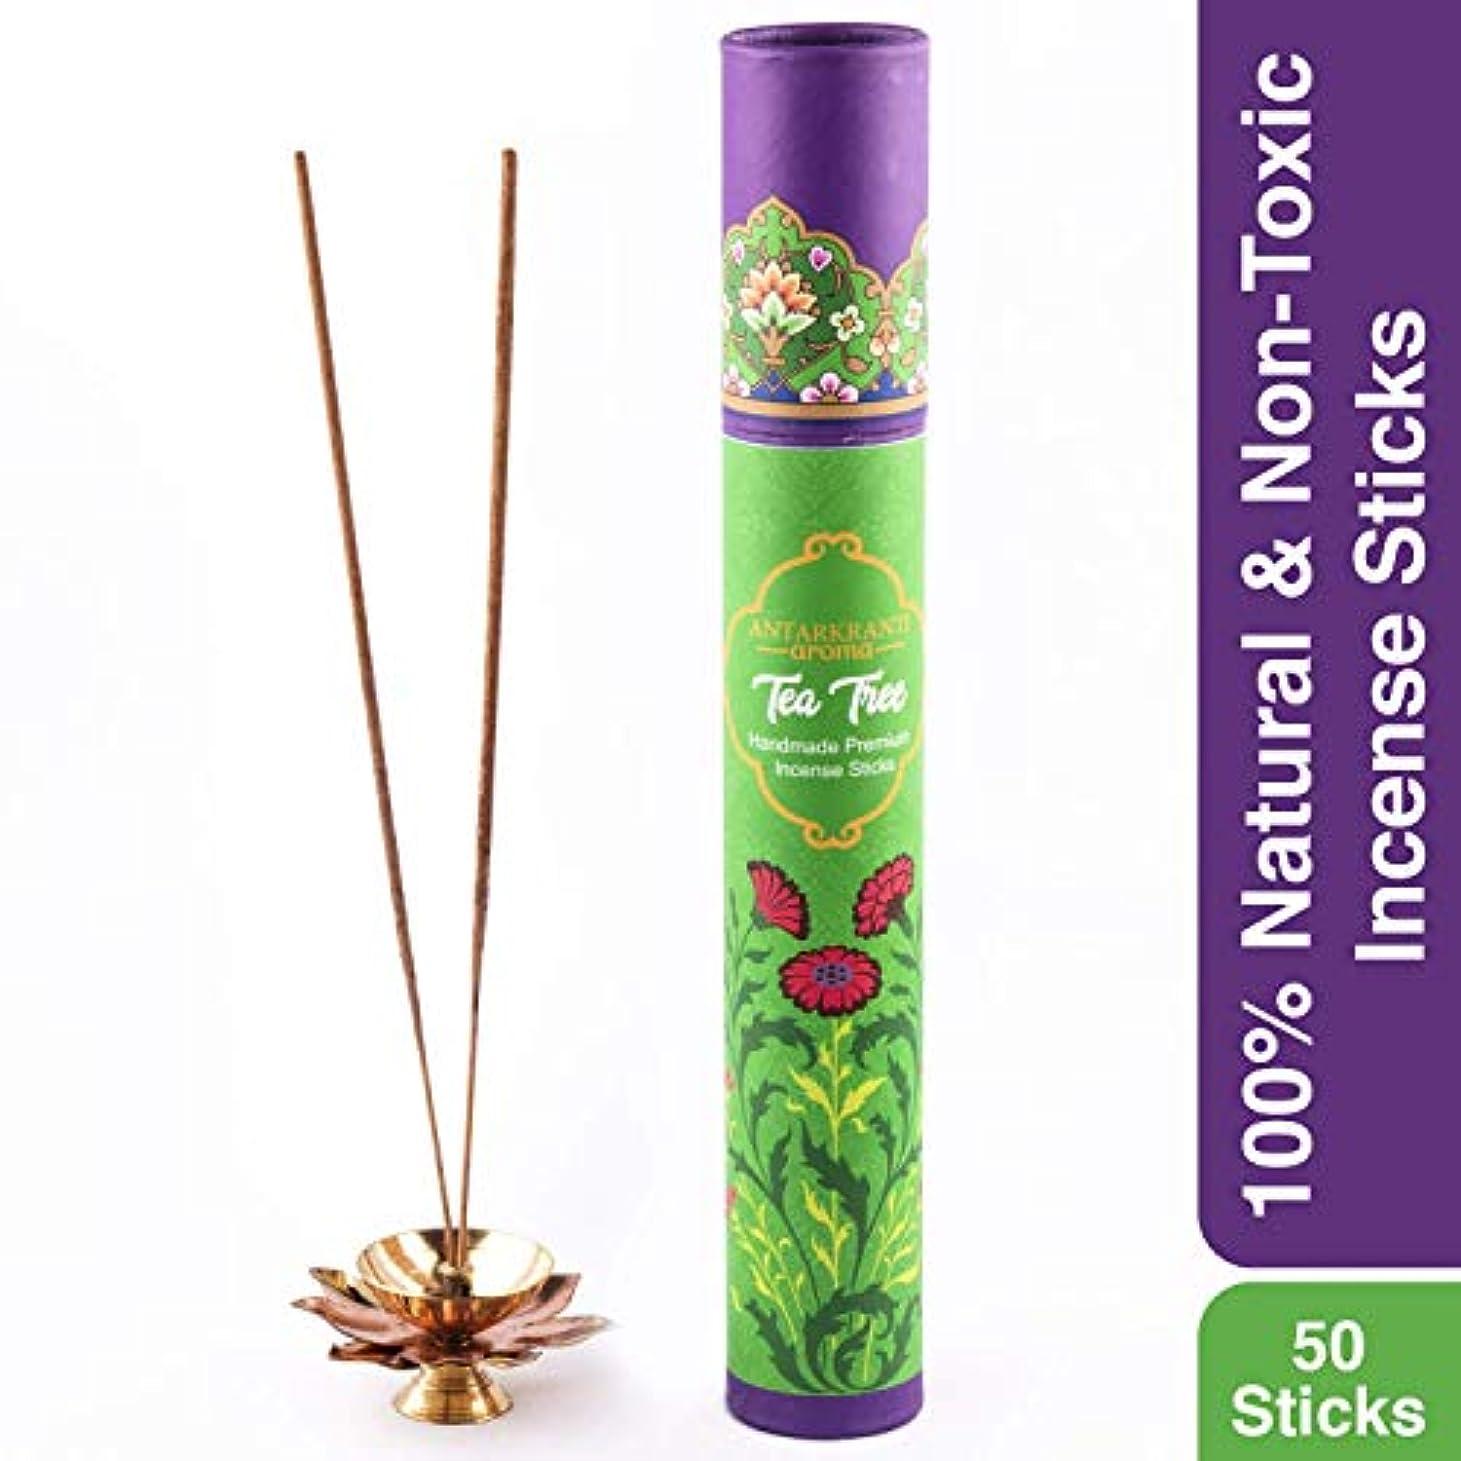 ひそかに毛布脱臼するAntarkranti Tradition Tea Tree Incense Stick Agarbatti